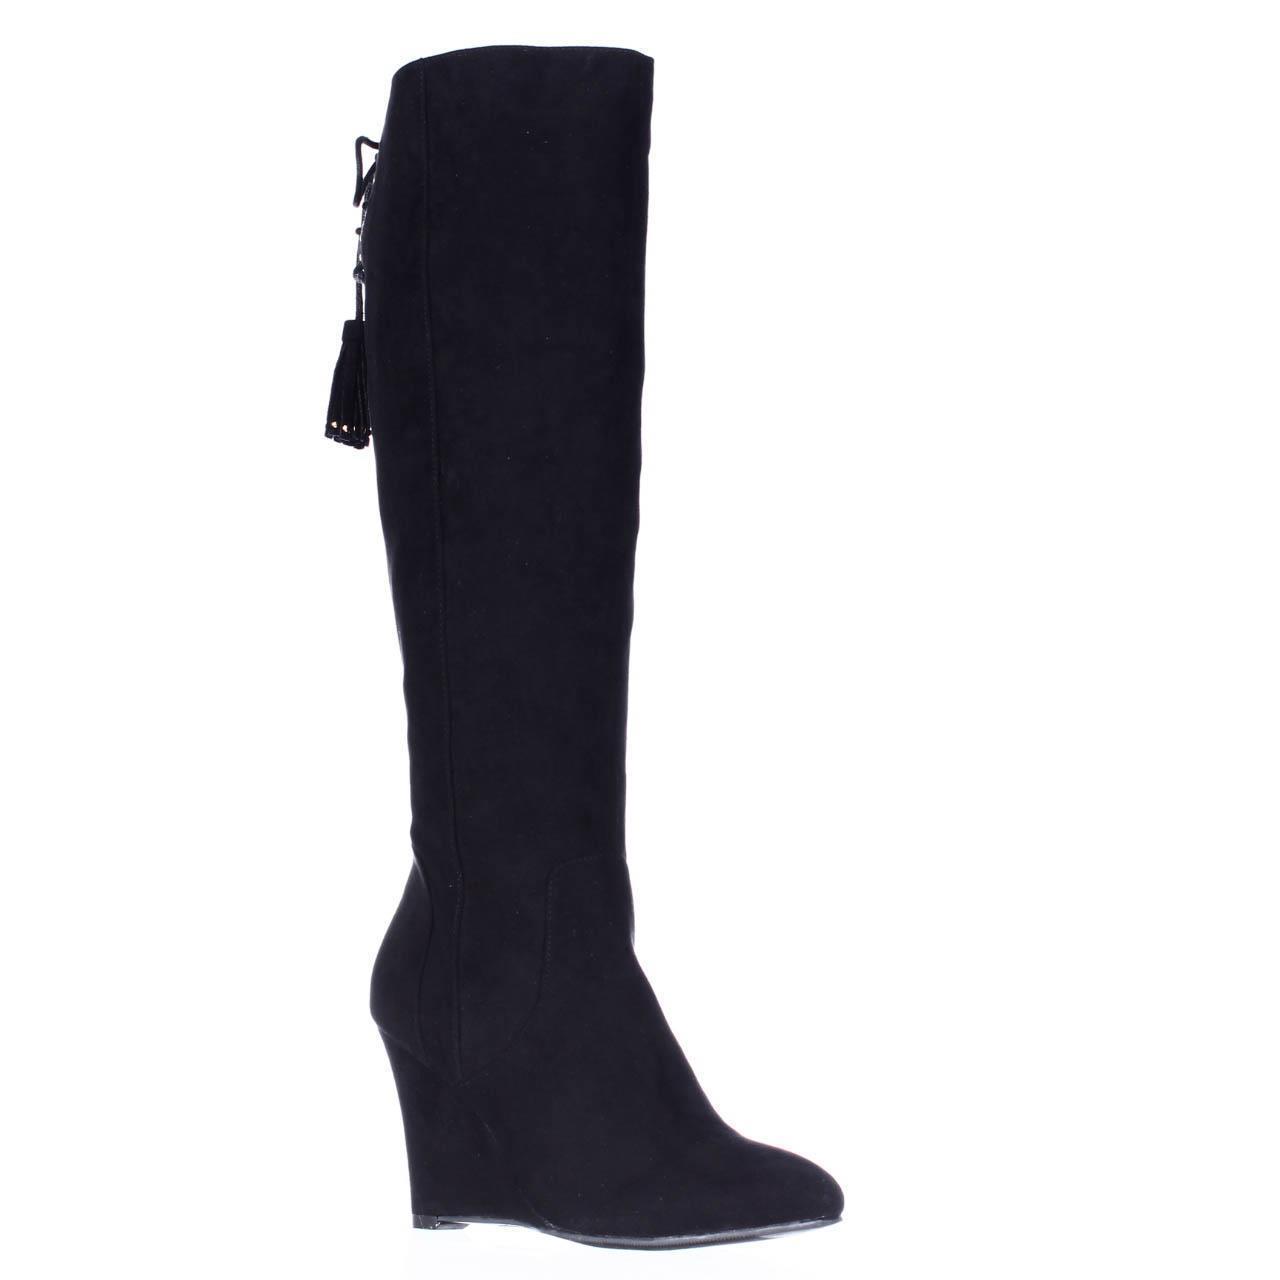 Womens TS35 Adallia Tall Wedge Tassel Tie Fasion Boots, Black